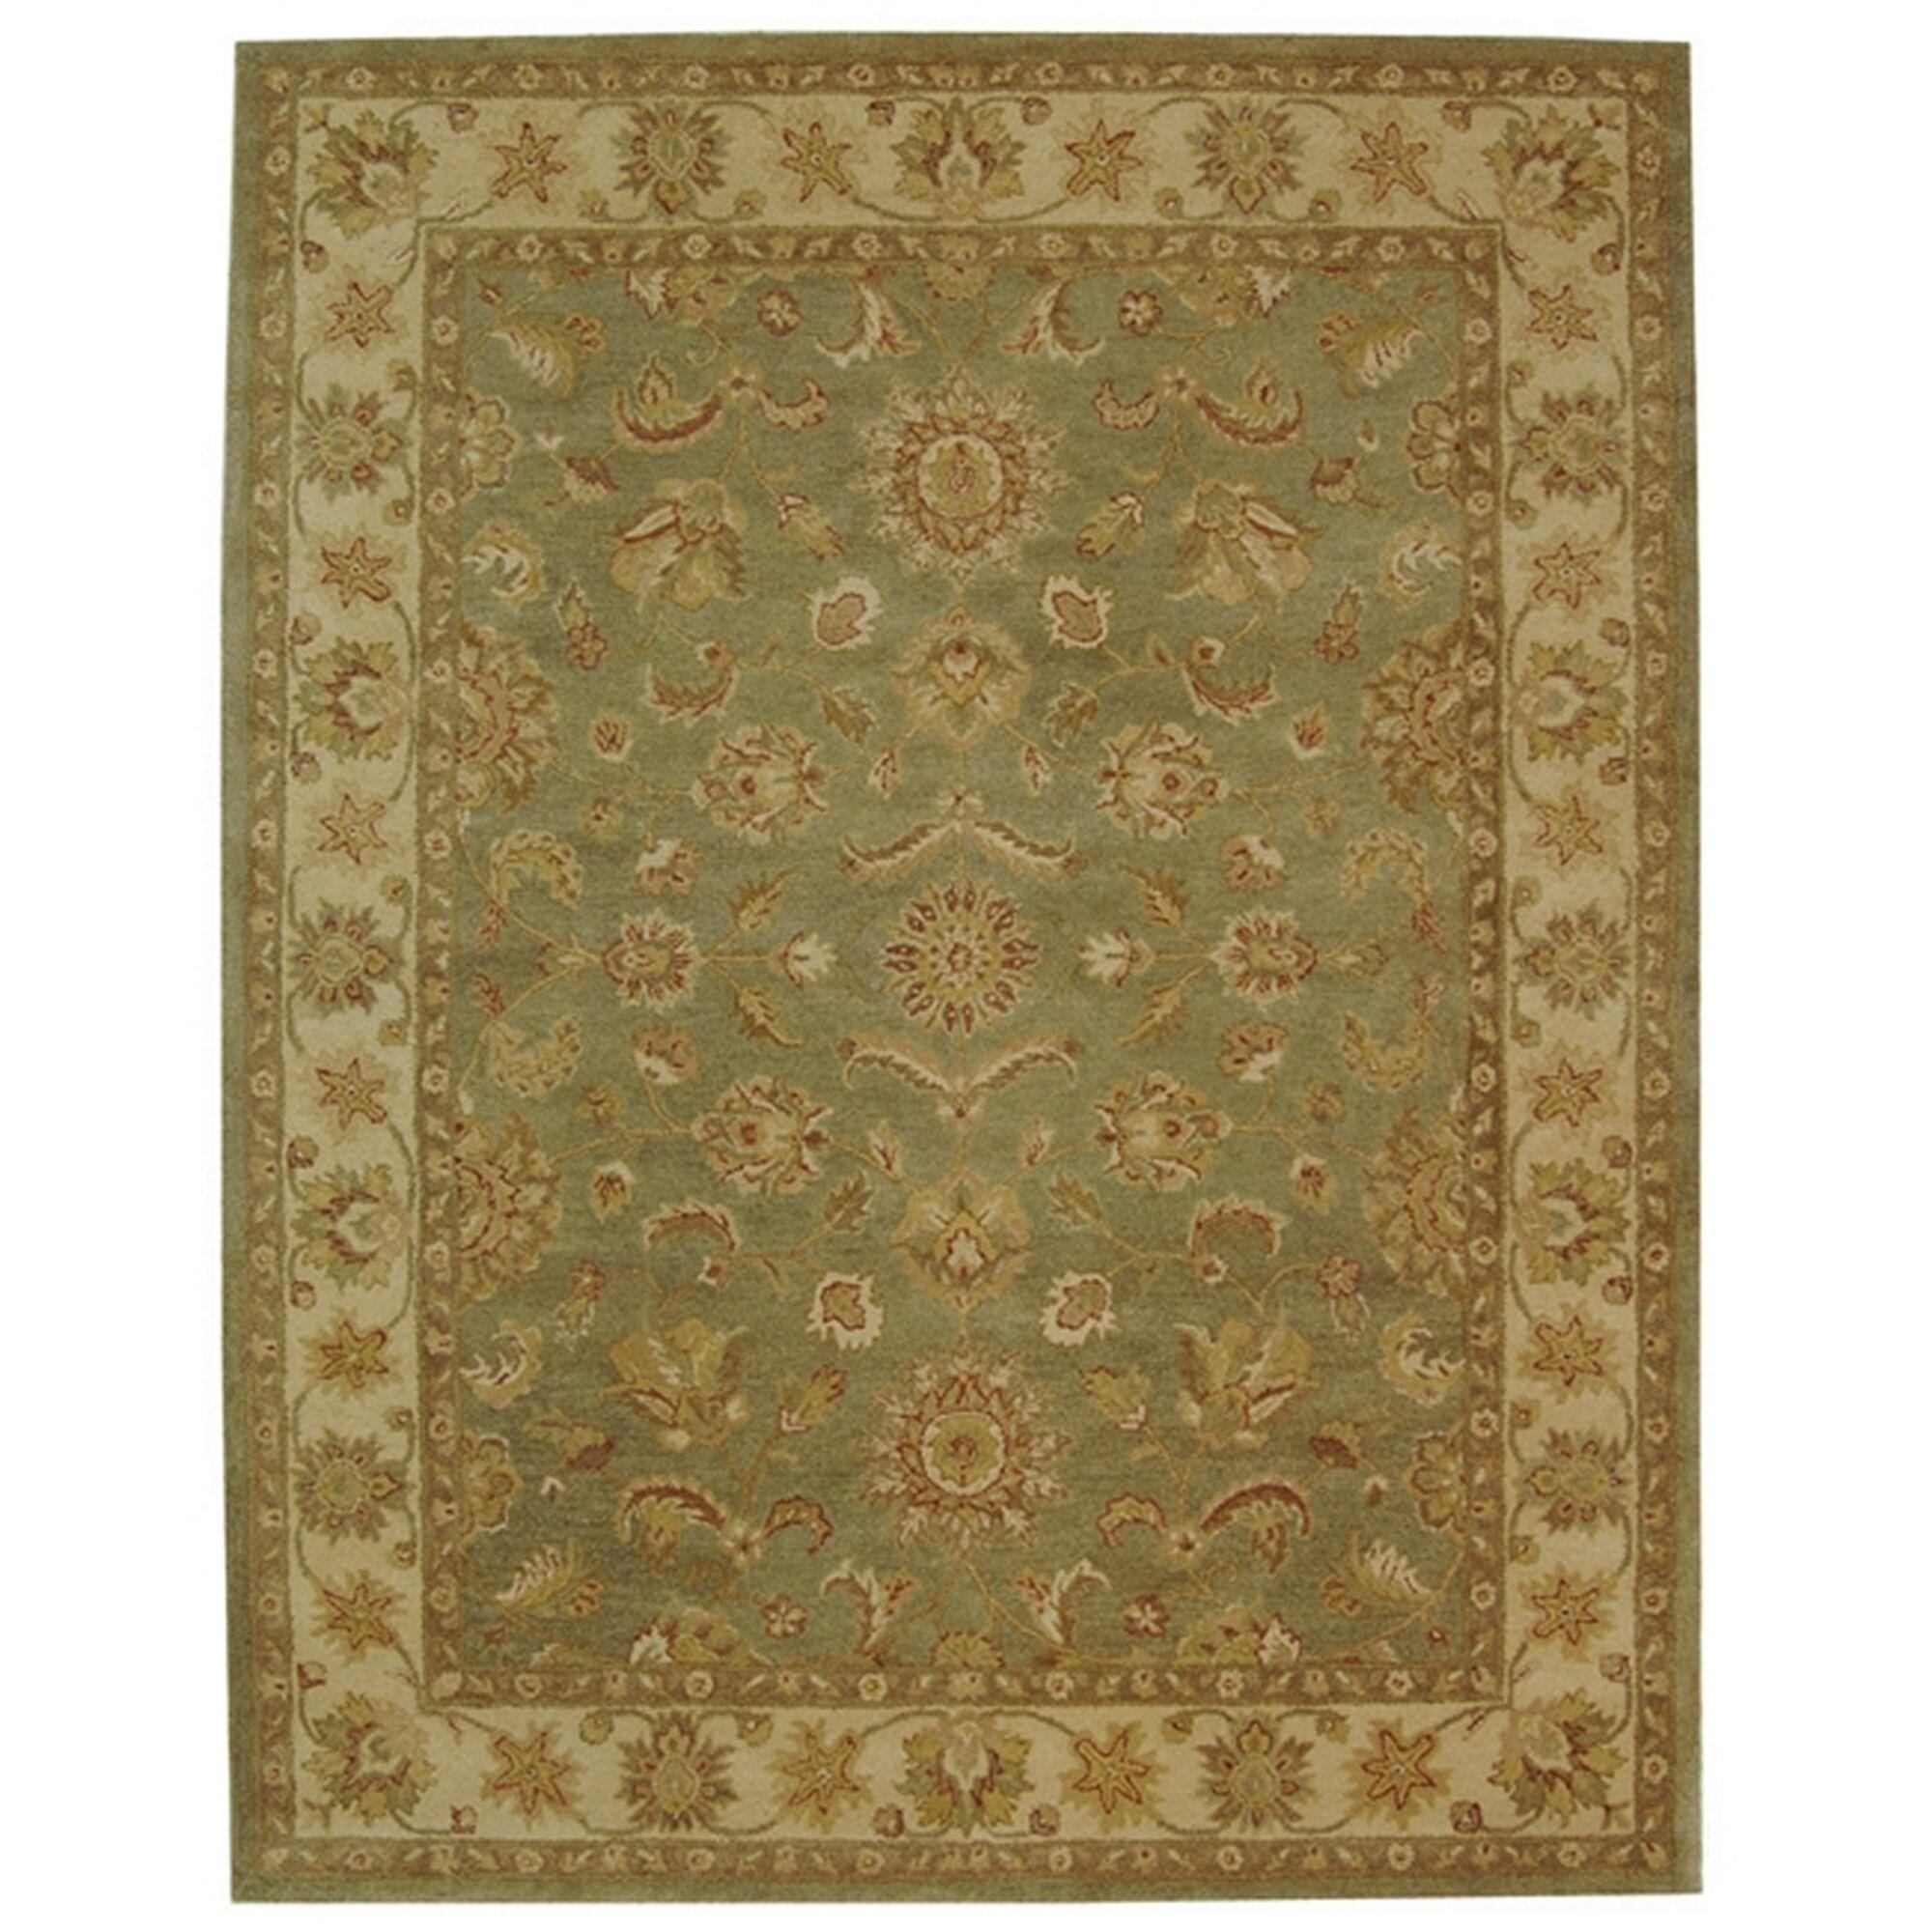 Dunbar Hand-Woven Wool Moss Green/Gold Area Rug Rug Size: Rectangle 8'3